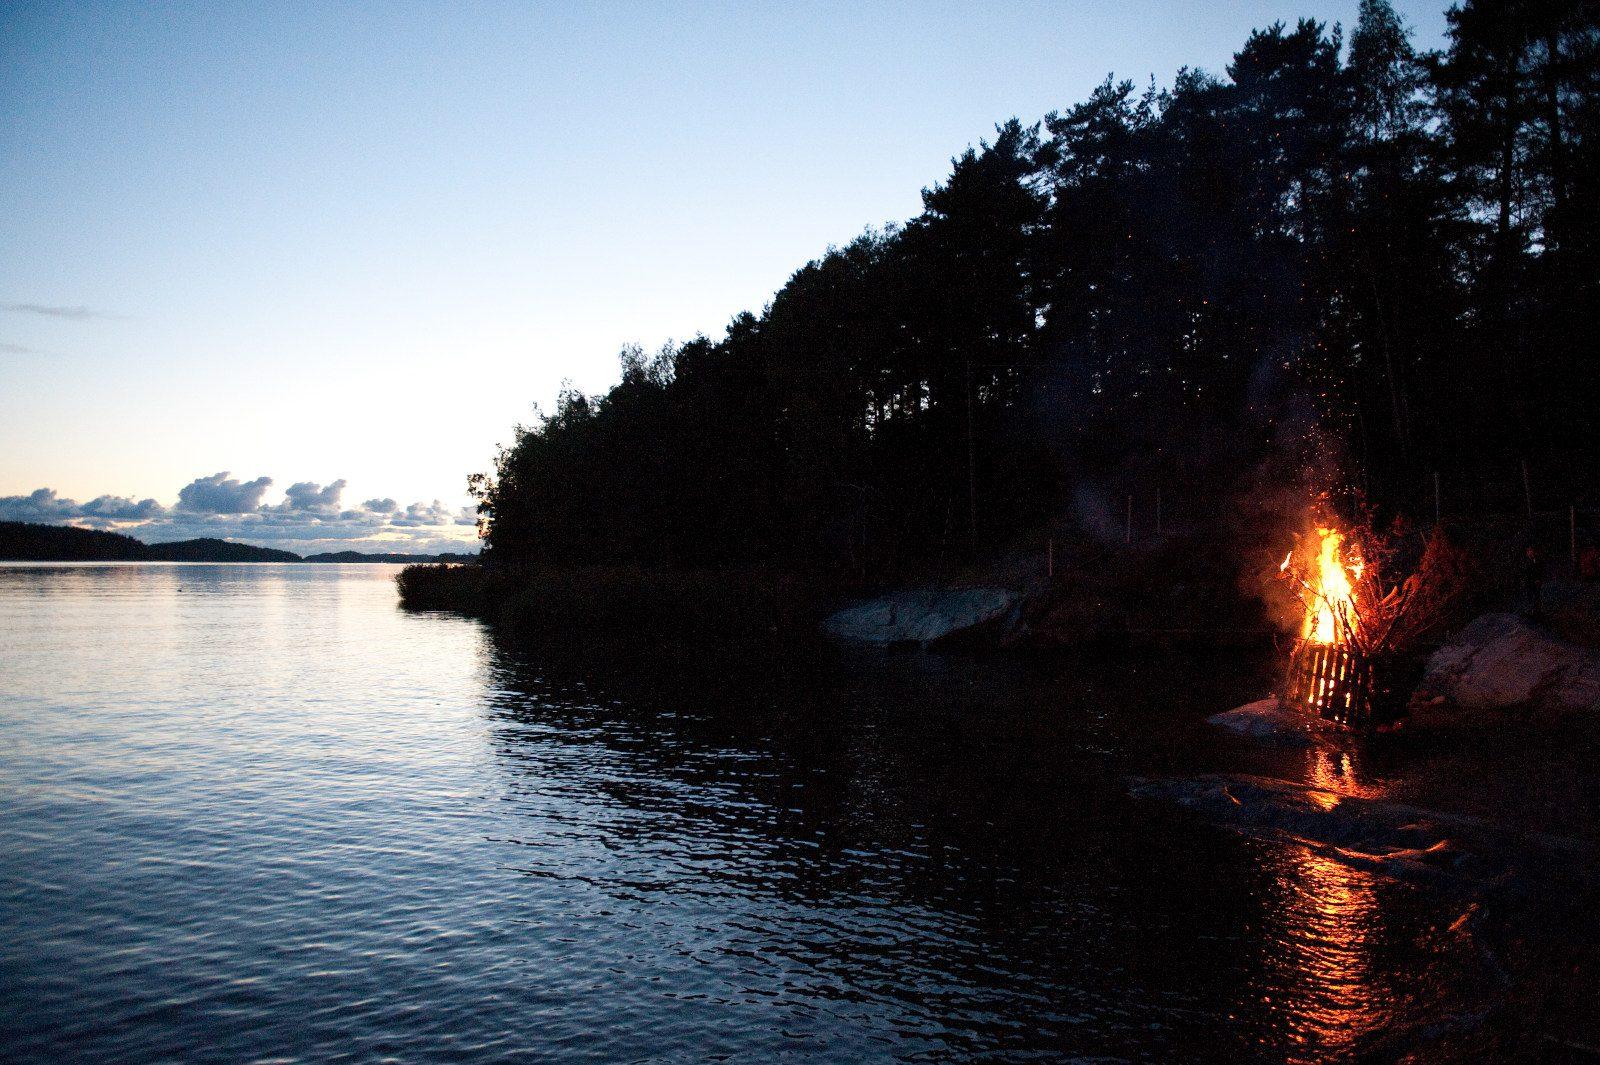 Saaristo ja luonto Naantalissa jamerenranta iltahämärässä, rannalla palaa muinaistuli.